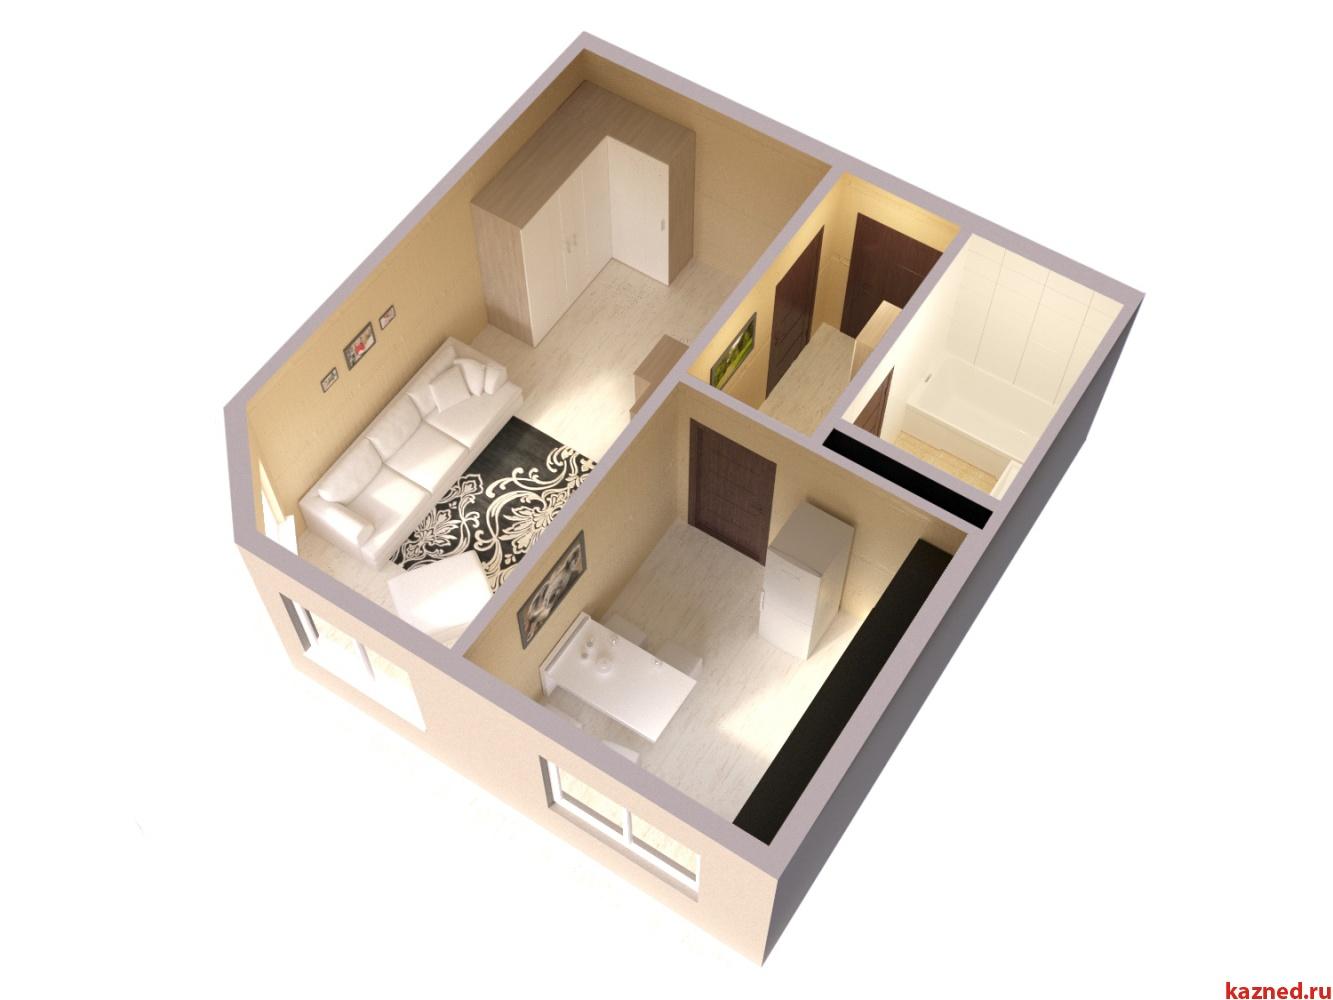 Продажа 1-к квартиры ЖК Светлый, 42 м² (миниатюра №3)